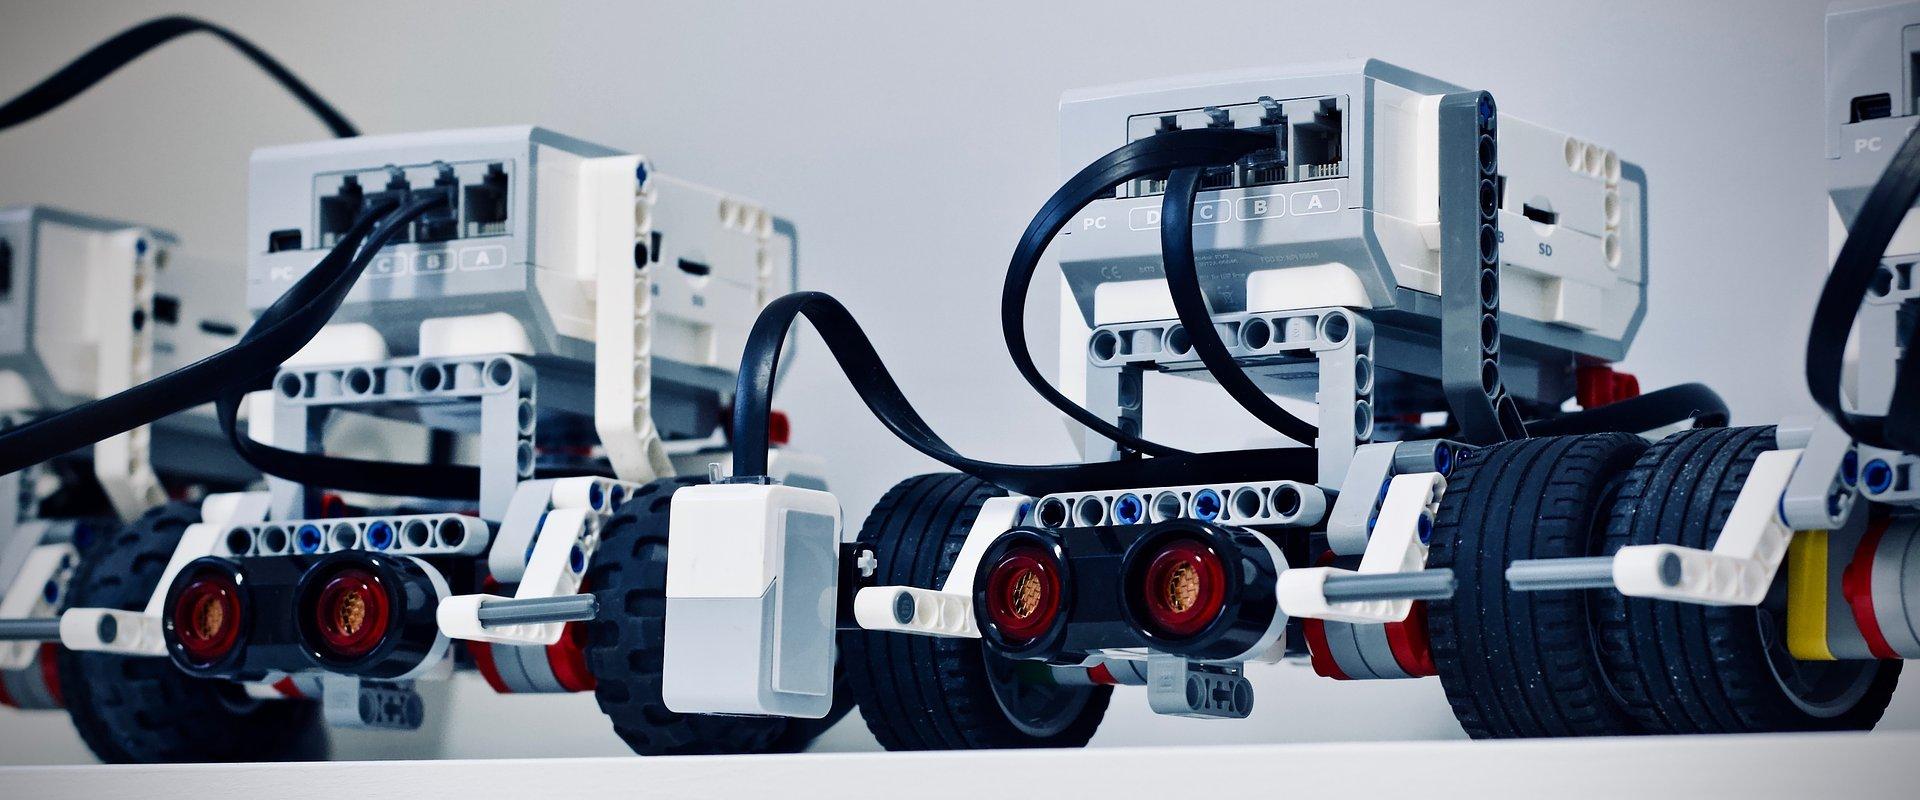 Spyrosoft pokaże robotom, gdzie mają pracować